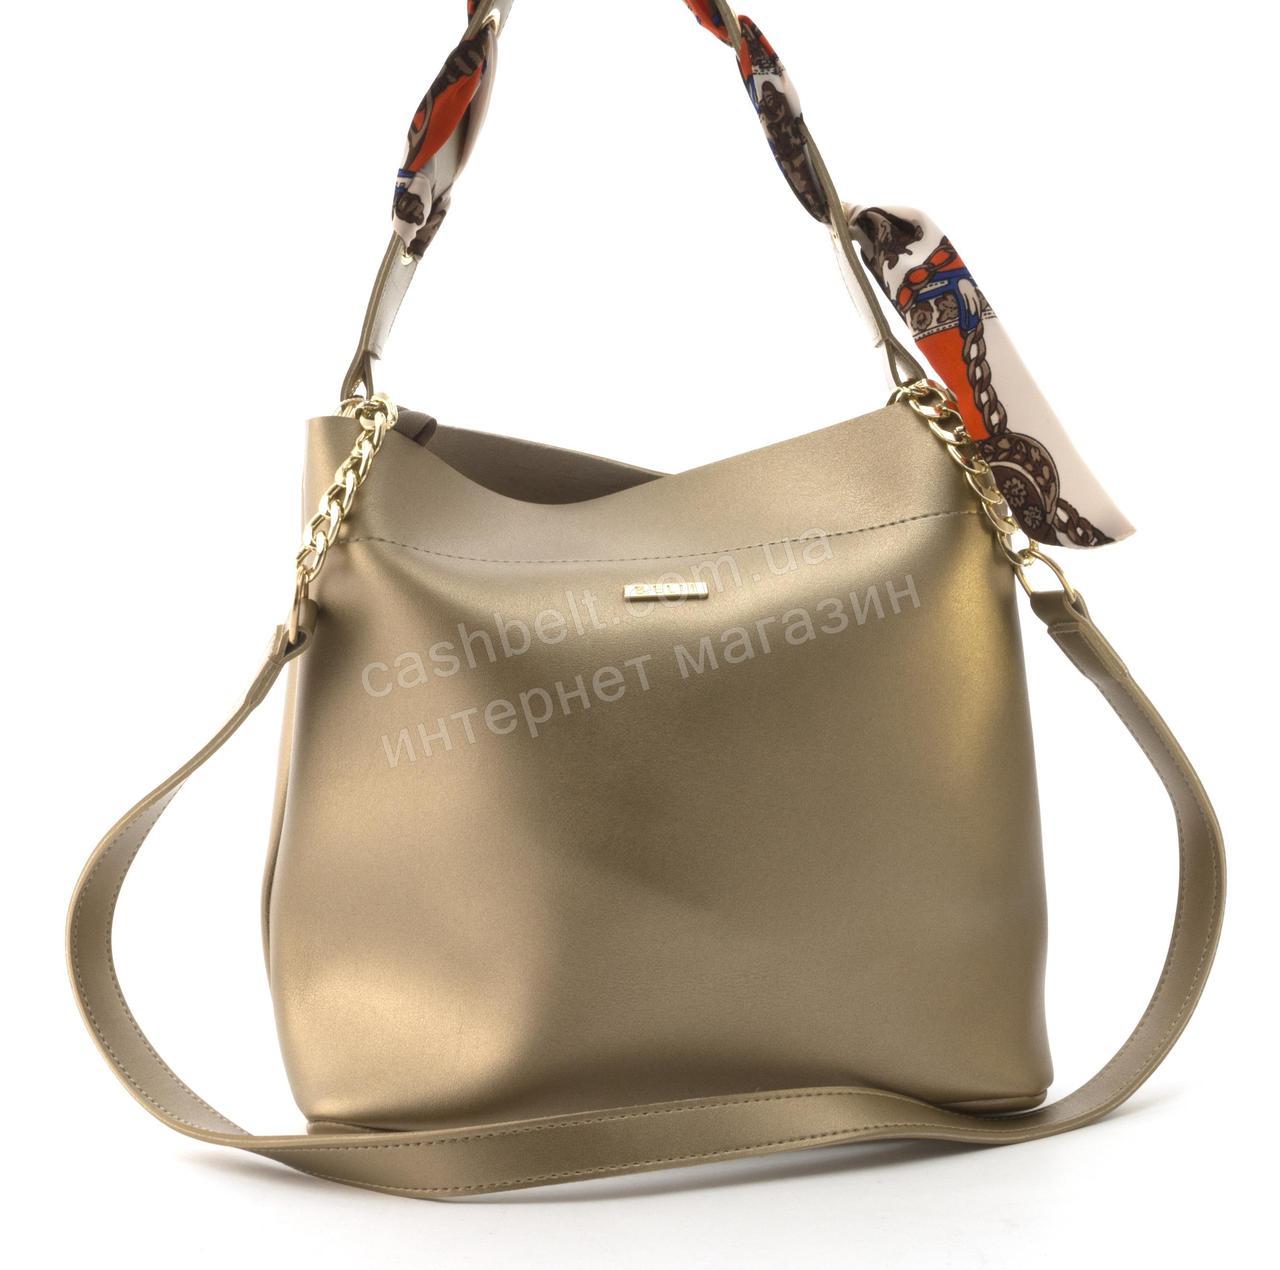 Оригинальная качественная суперстильная сумка с эко кожи очень высокого качества B.Elite art. 08-15 золотистая